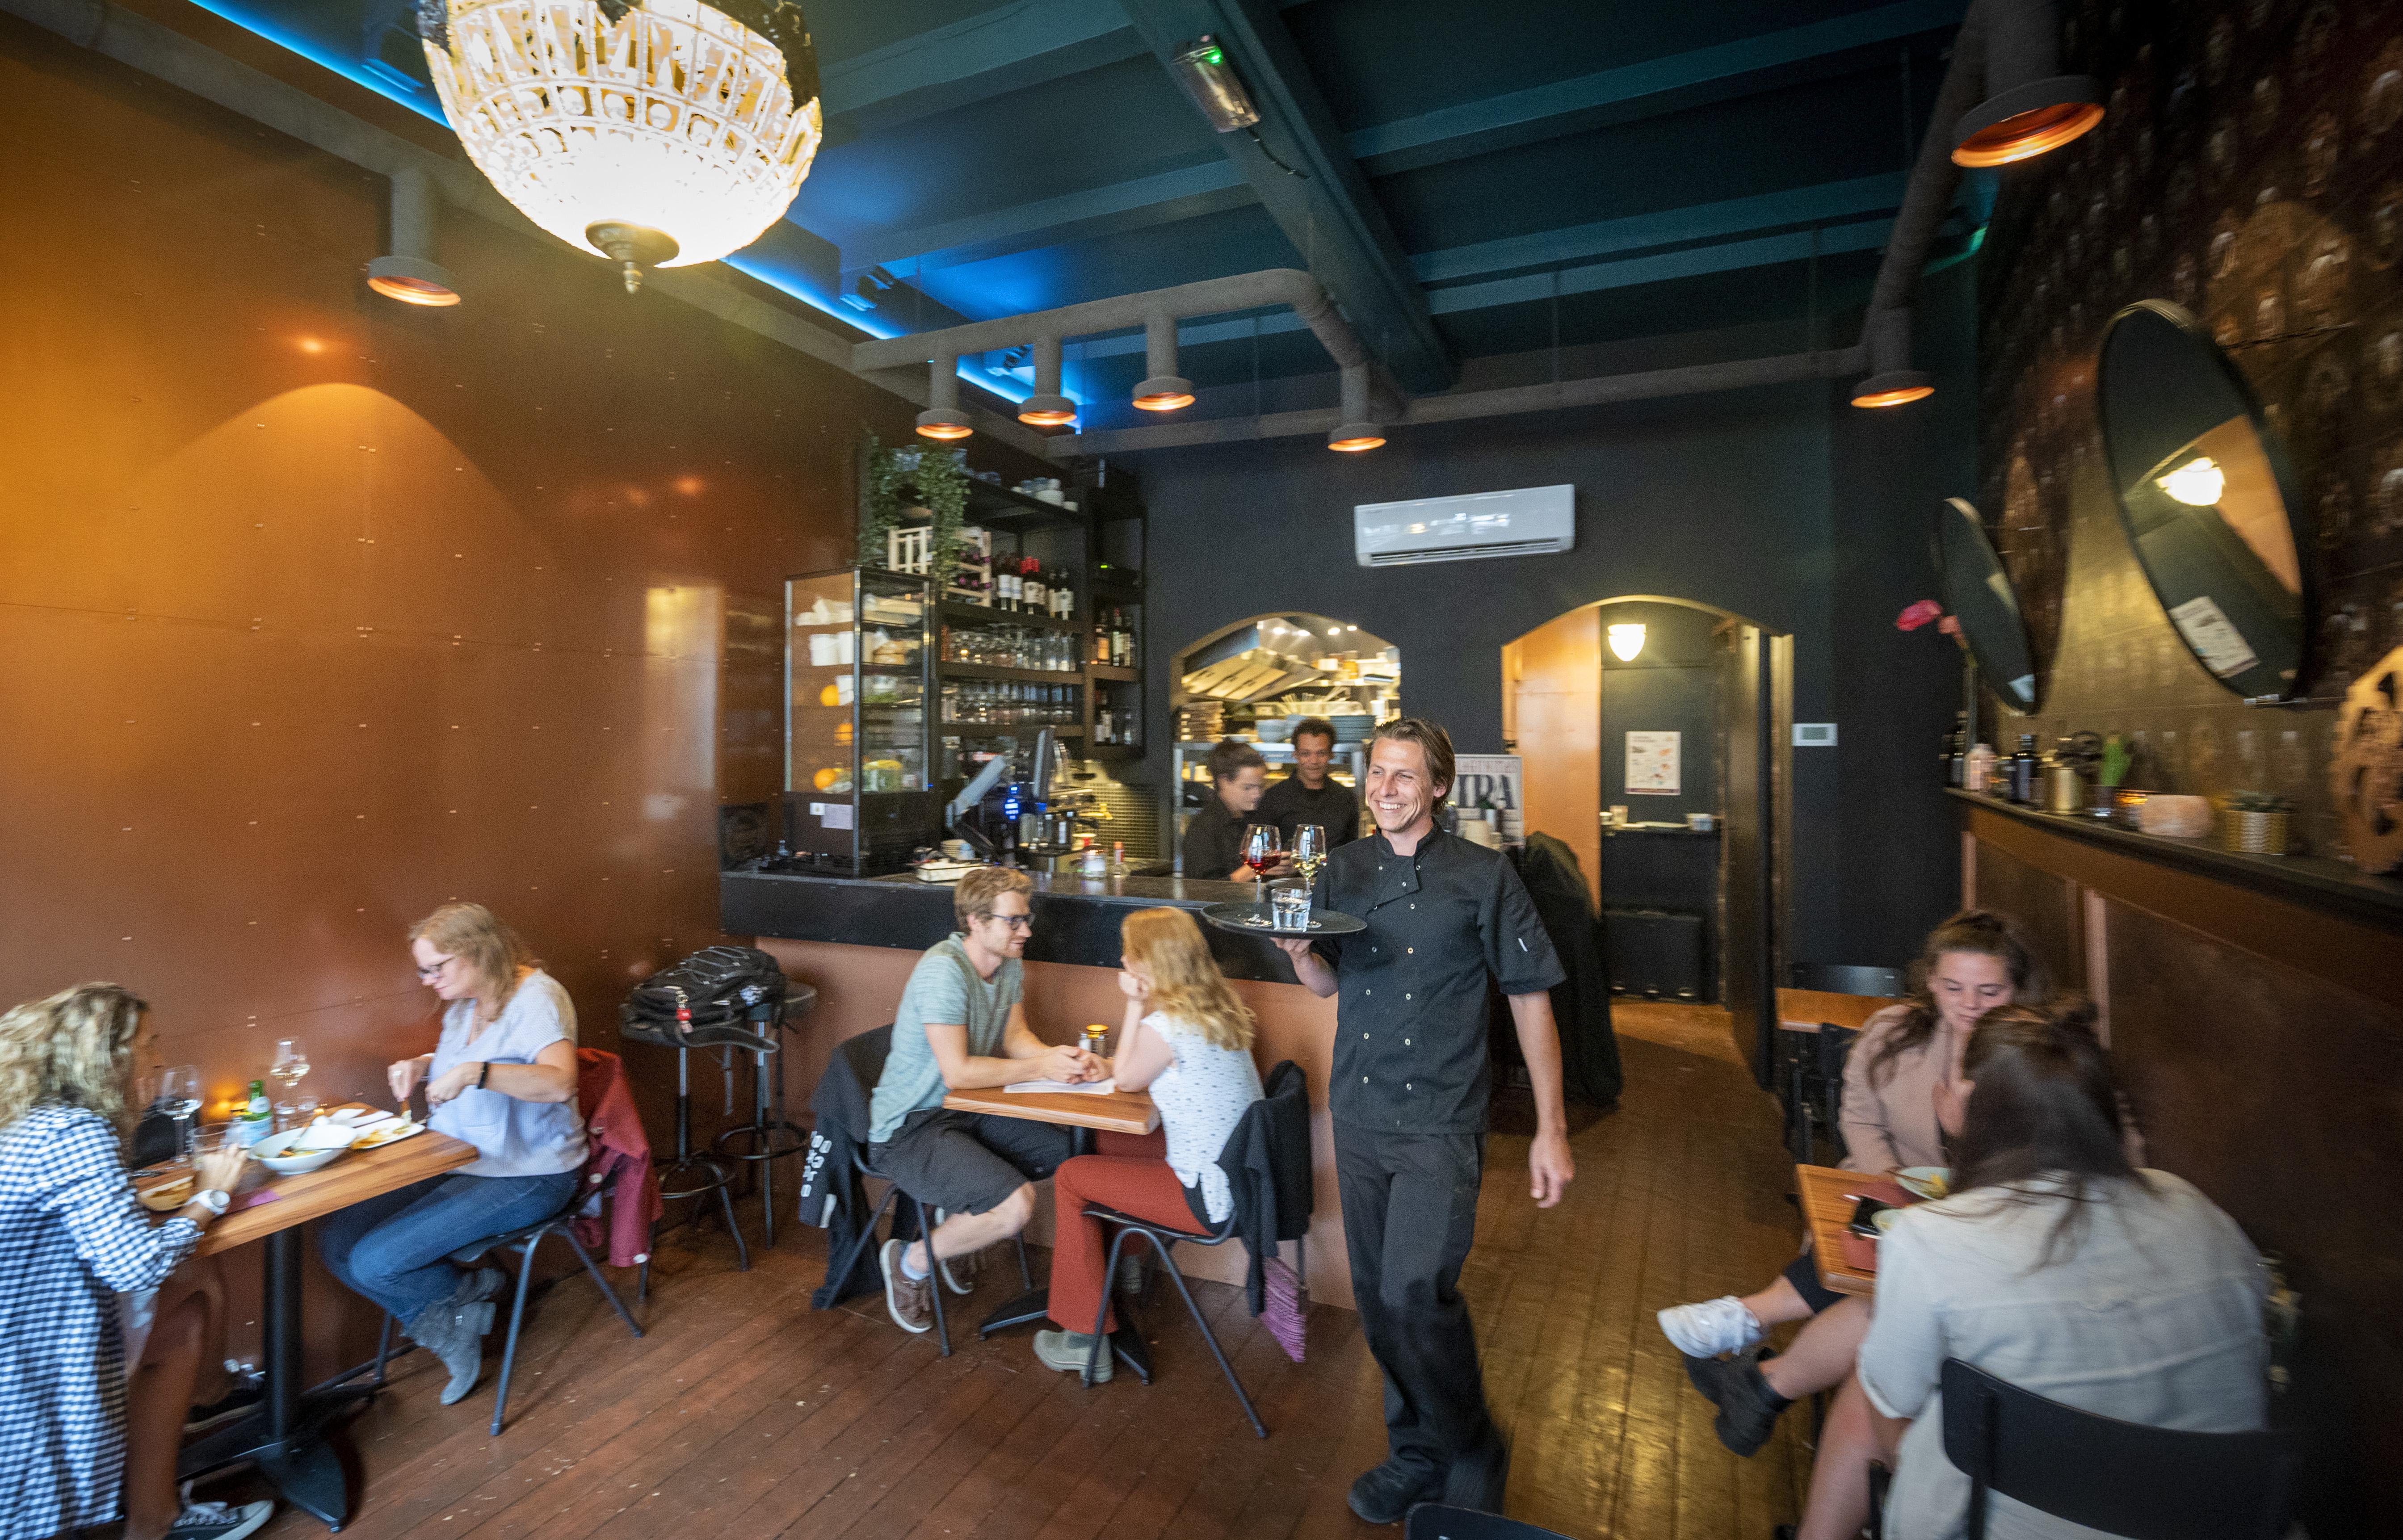 Goed eten bij New Vegas in Haarlem, maar chef-kok Bas Veldhoven mag best wel wat meer vegantische durf aan de dag leggen   recensie